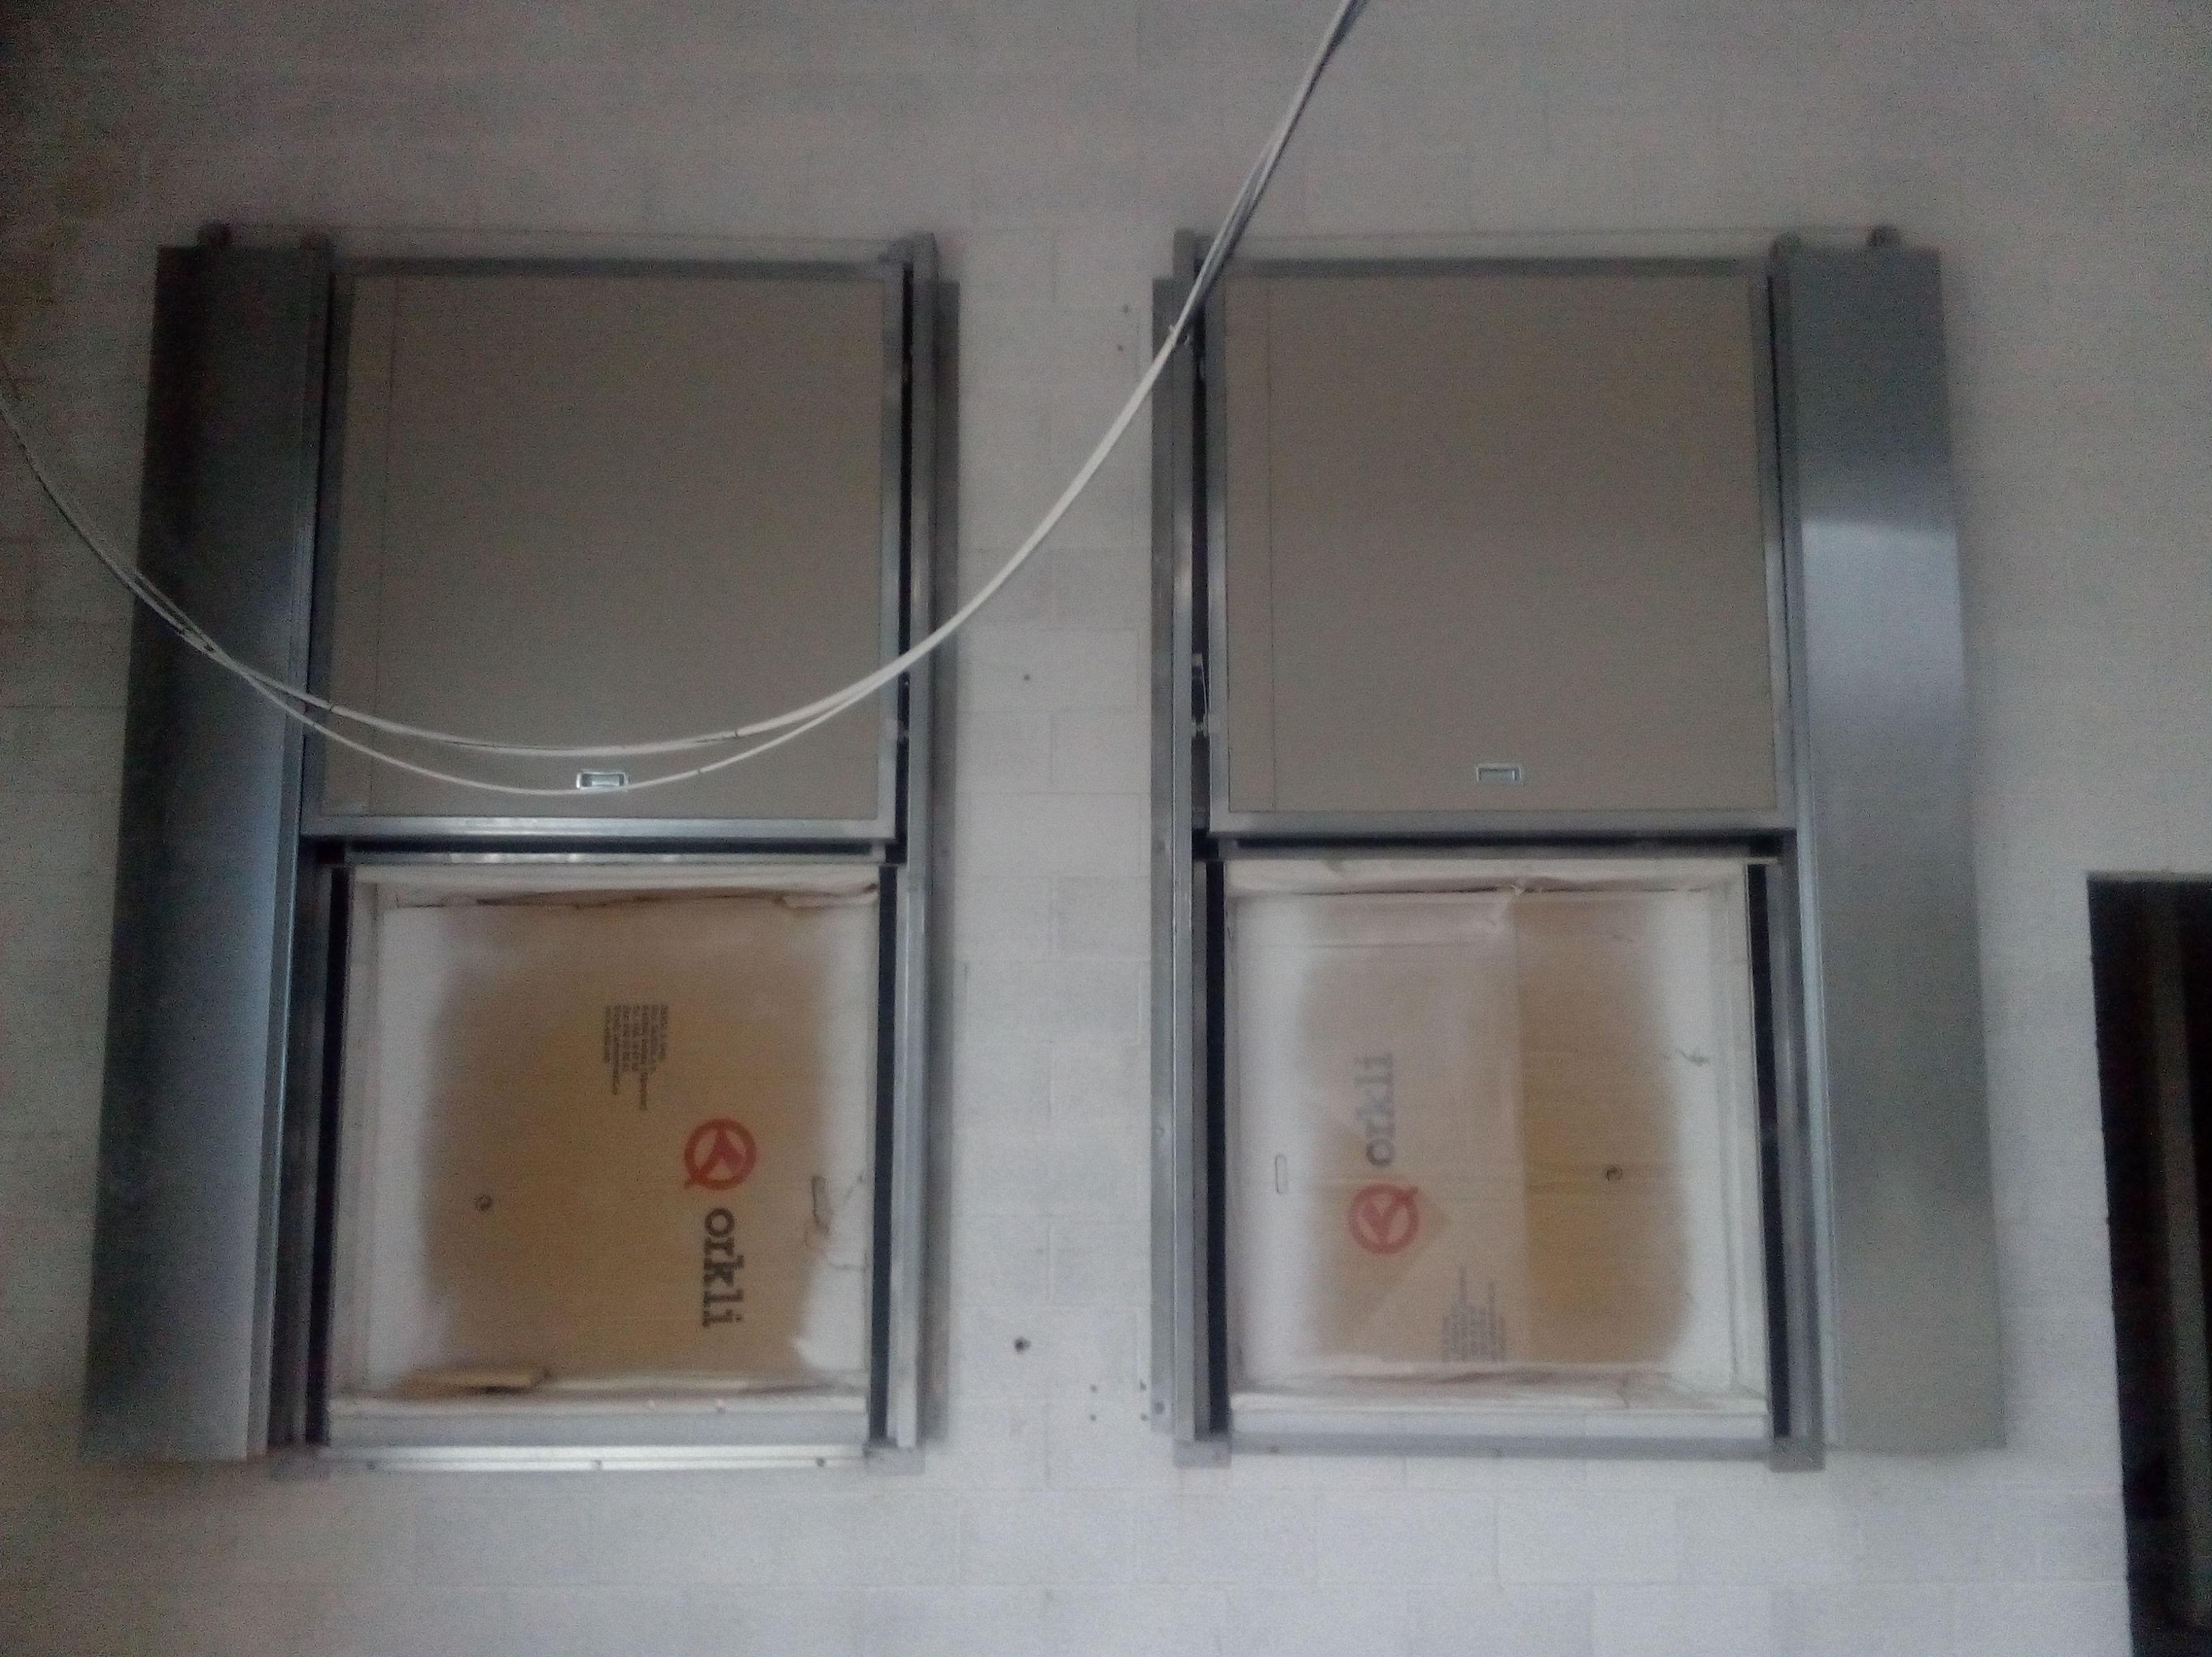 Puertas cortafuegos guillotinas verticales contrapesos laterales, certificadas , cierre por fusible térmico